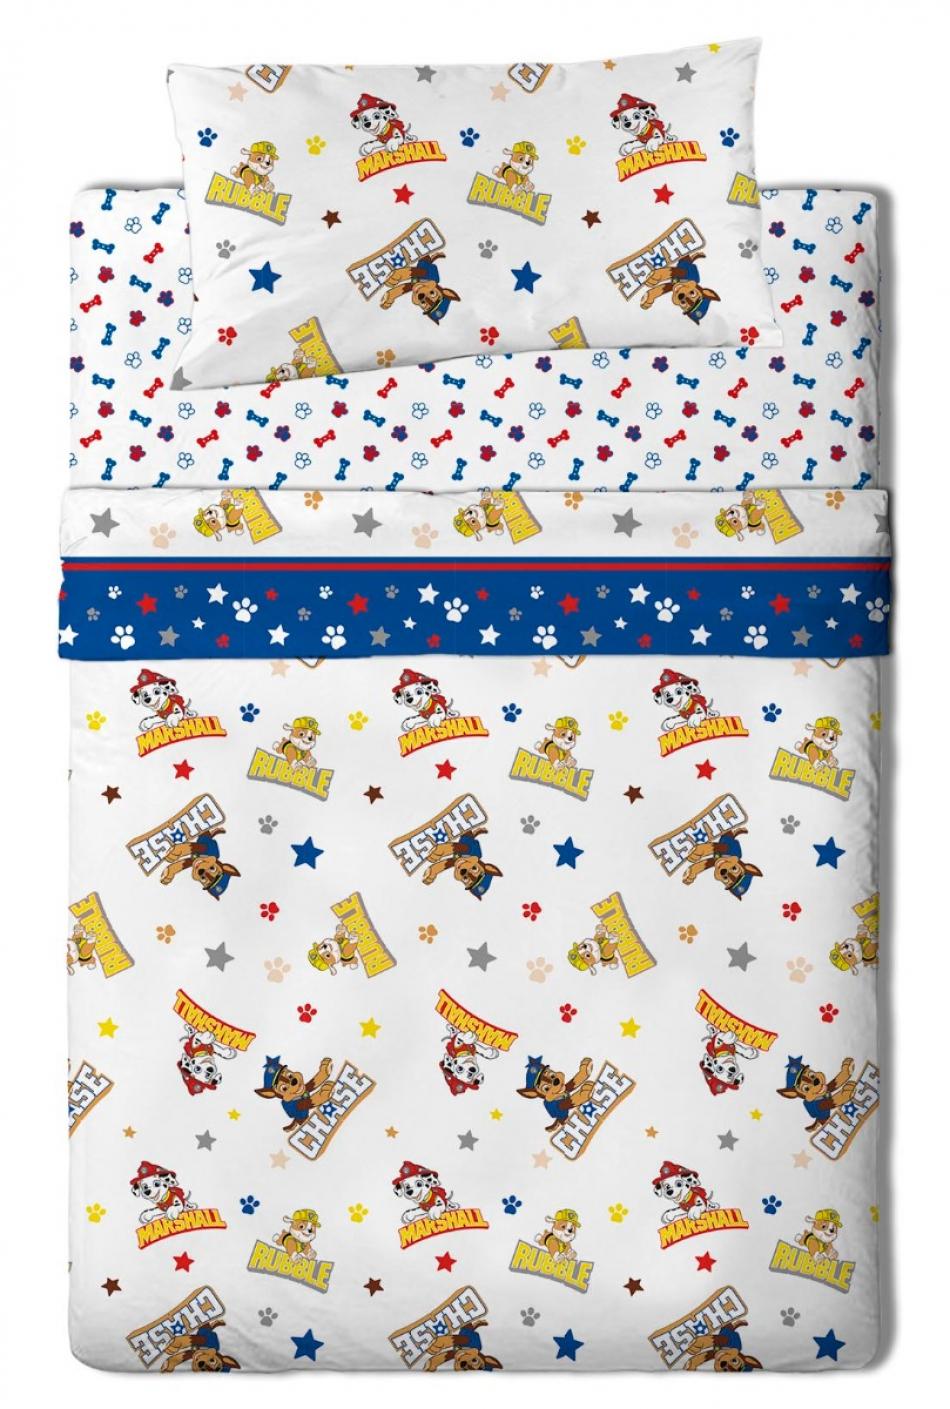 Juego de sábanas de franela para cama de 90 cm con 3 piezas La Patrulla Canina